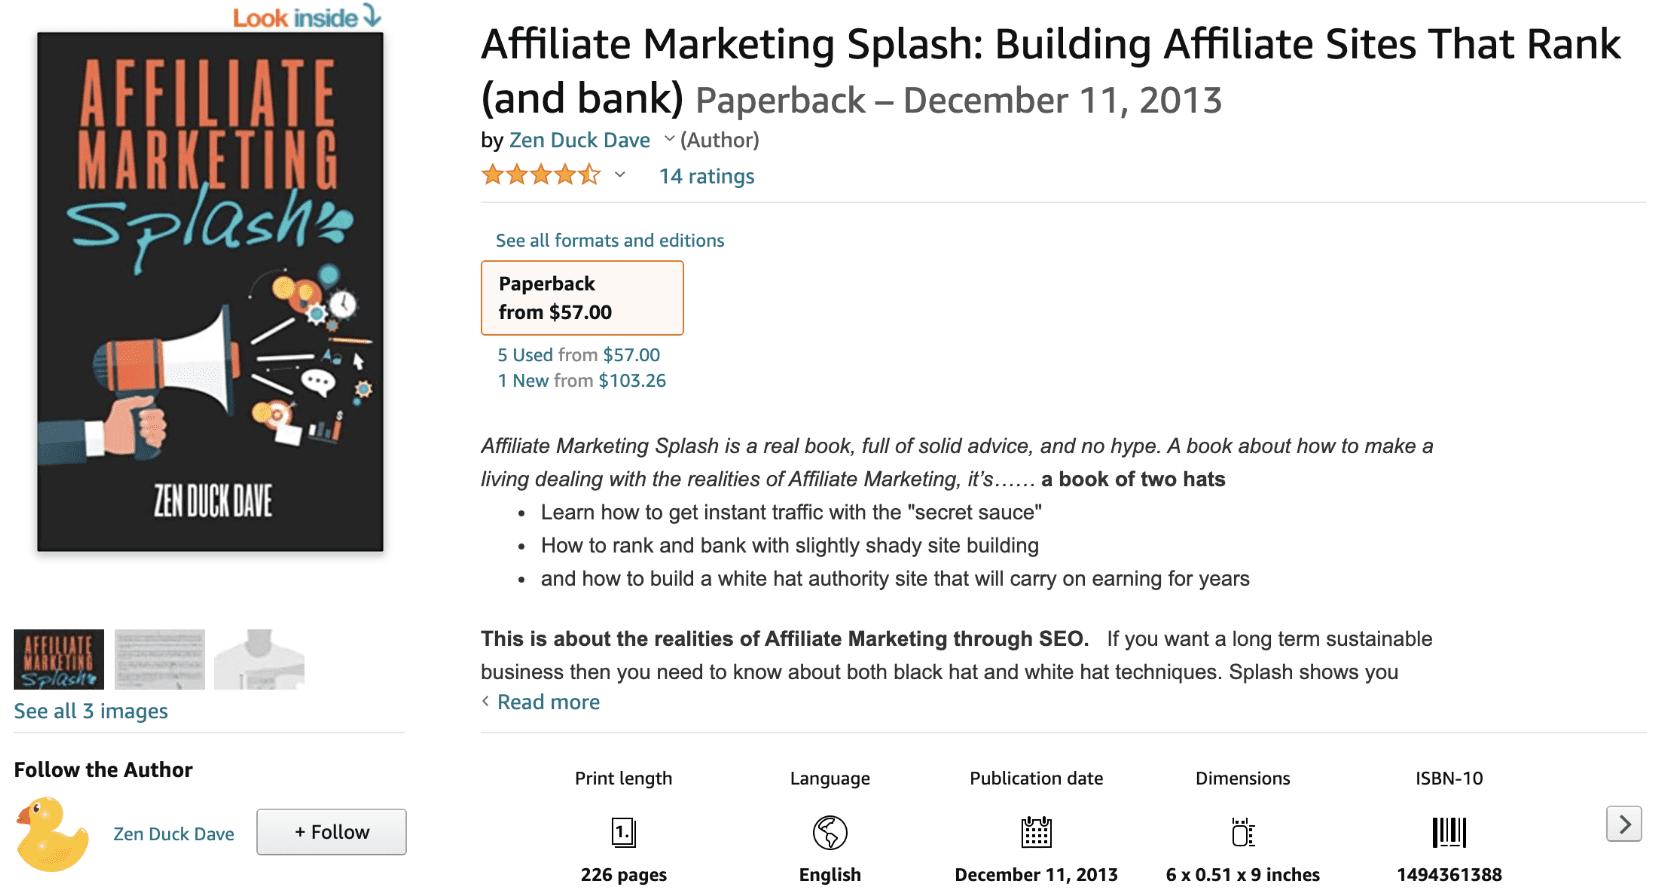 Affiliate Marketing Splash by Zen Duck Dave